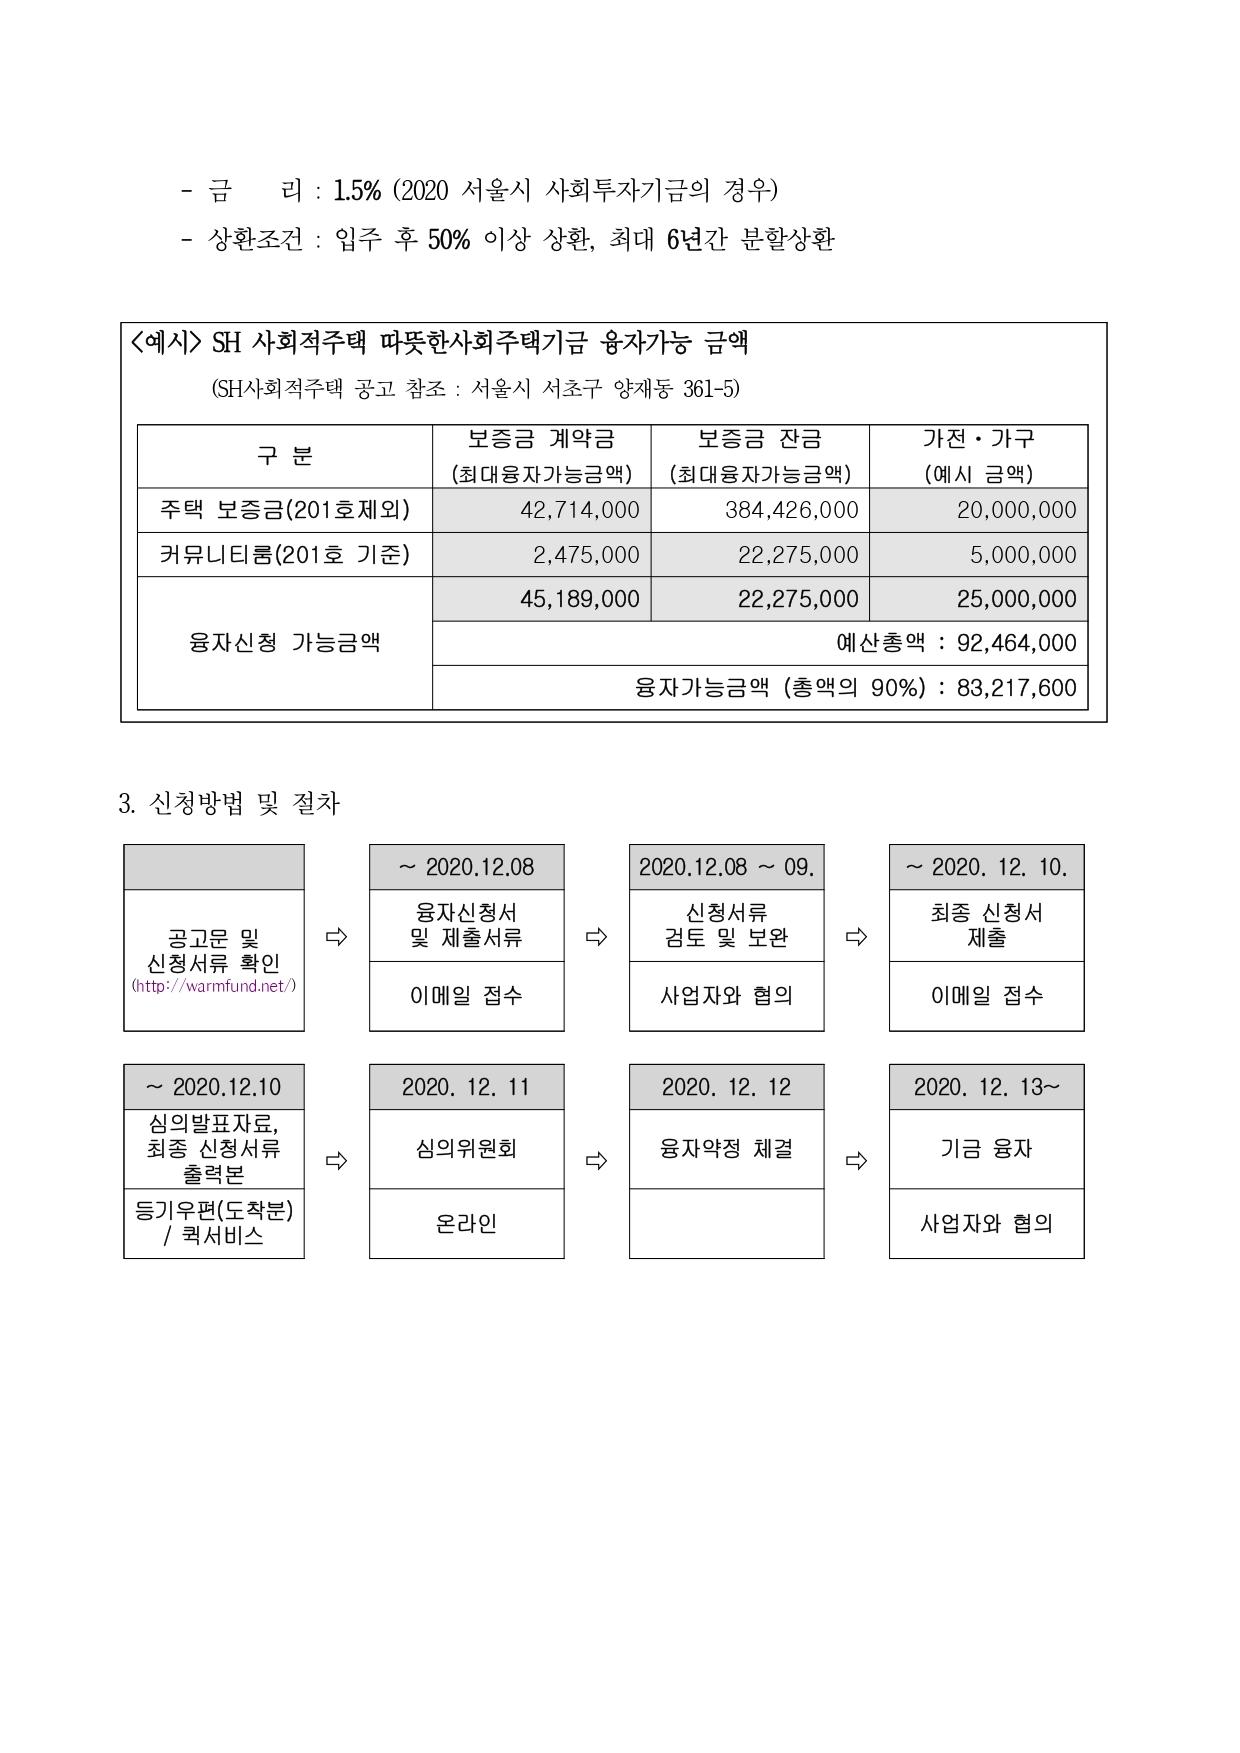 따뜻한사회주택기금 사회적주택 사업 융자 안내_201204_pages-to-jpg-0002.jpg